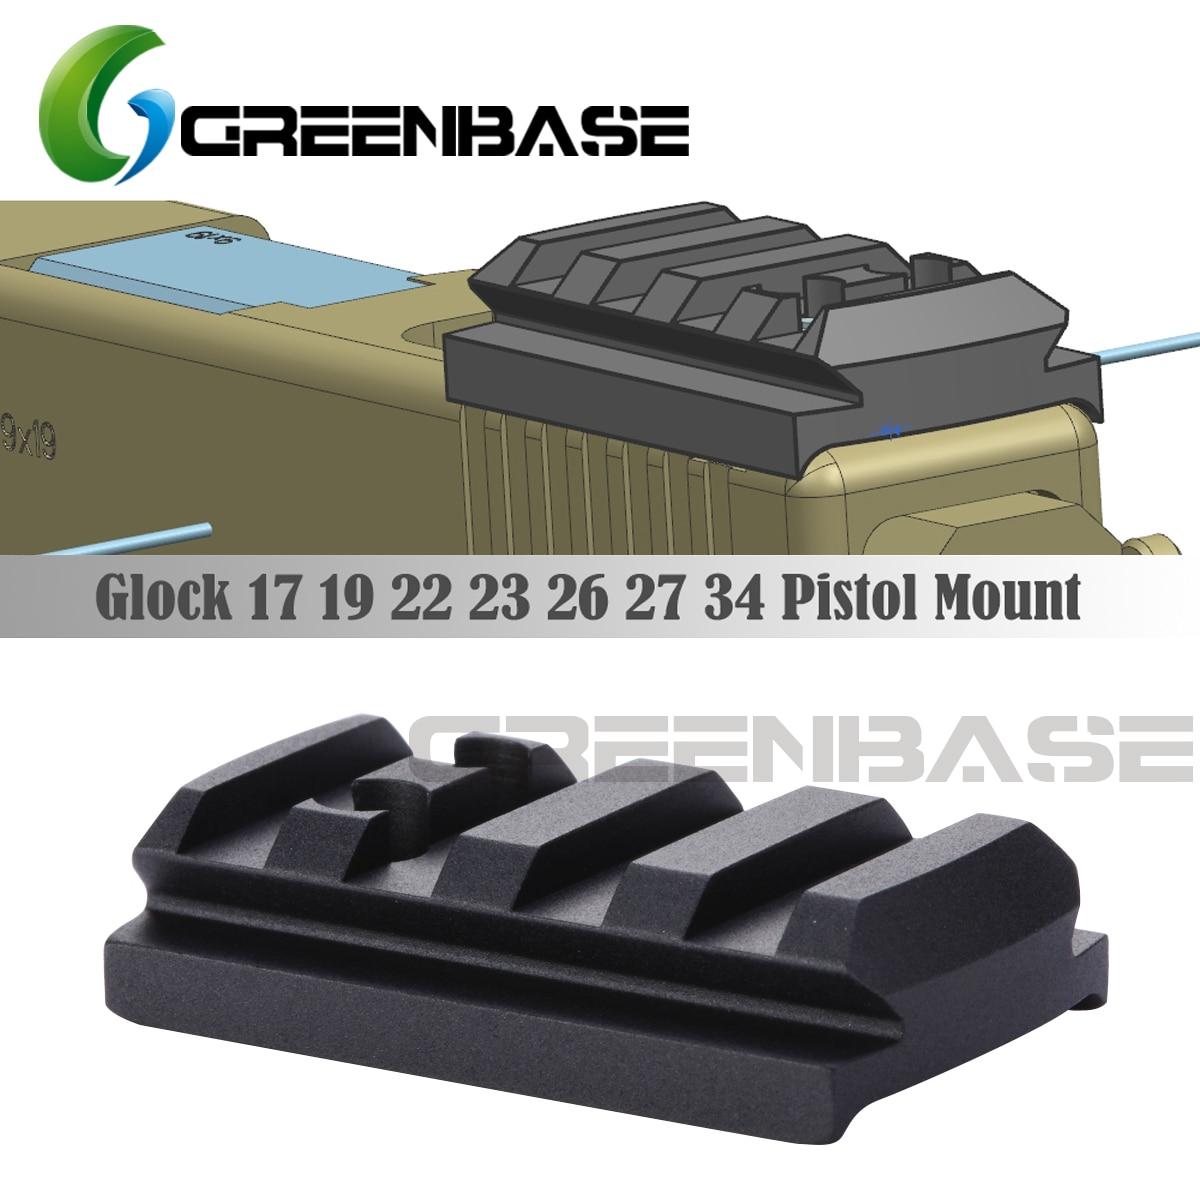 Greenbase glock sight placa de montagem glock 17 19 22 23 26 27 34 trilho instalar para pistola red dot sight com 20mm picatinny ferroviário